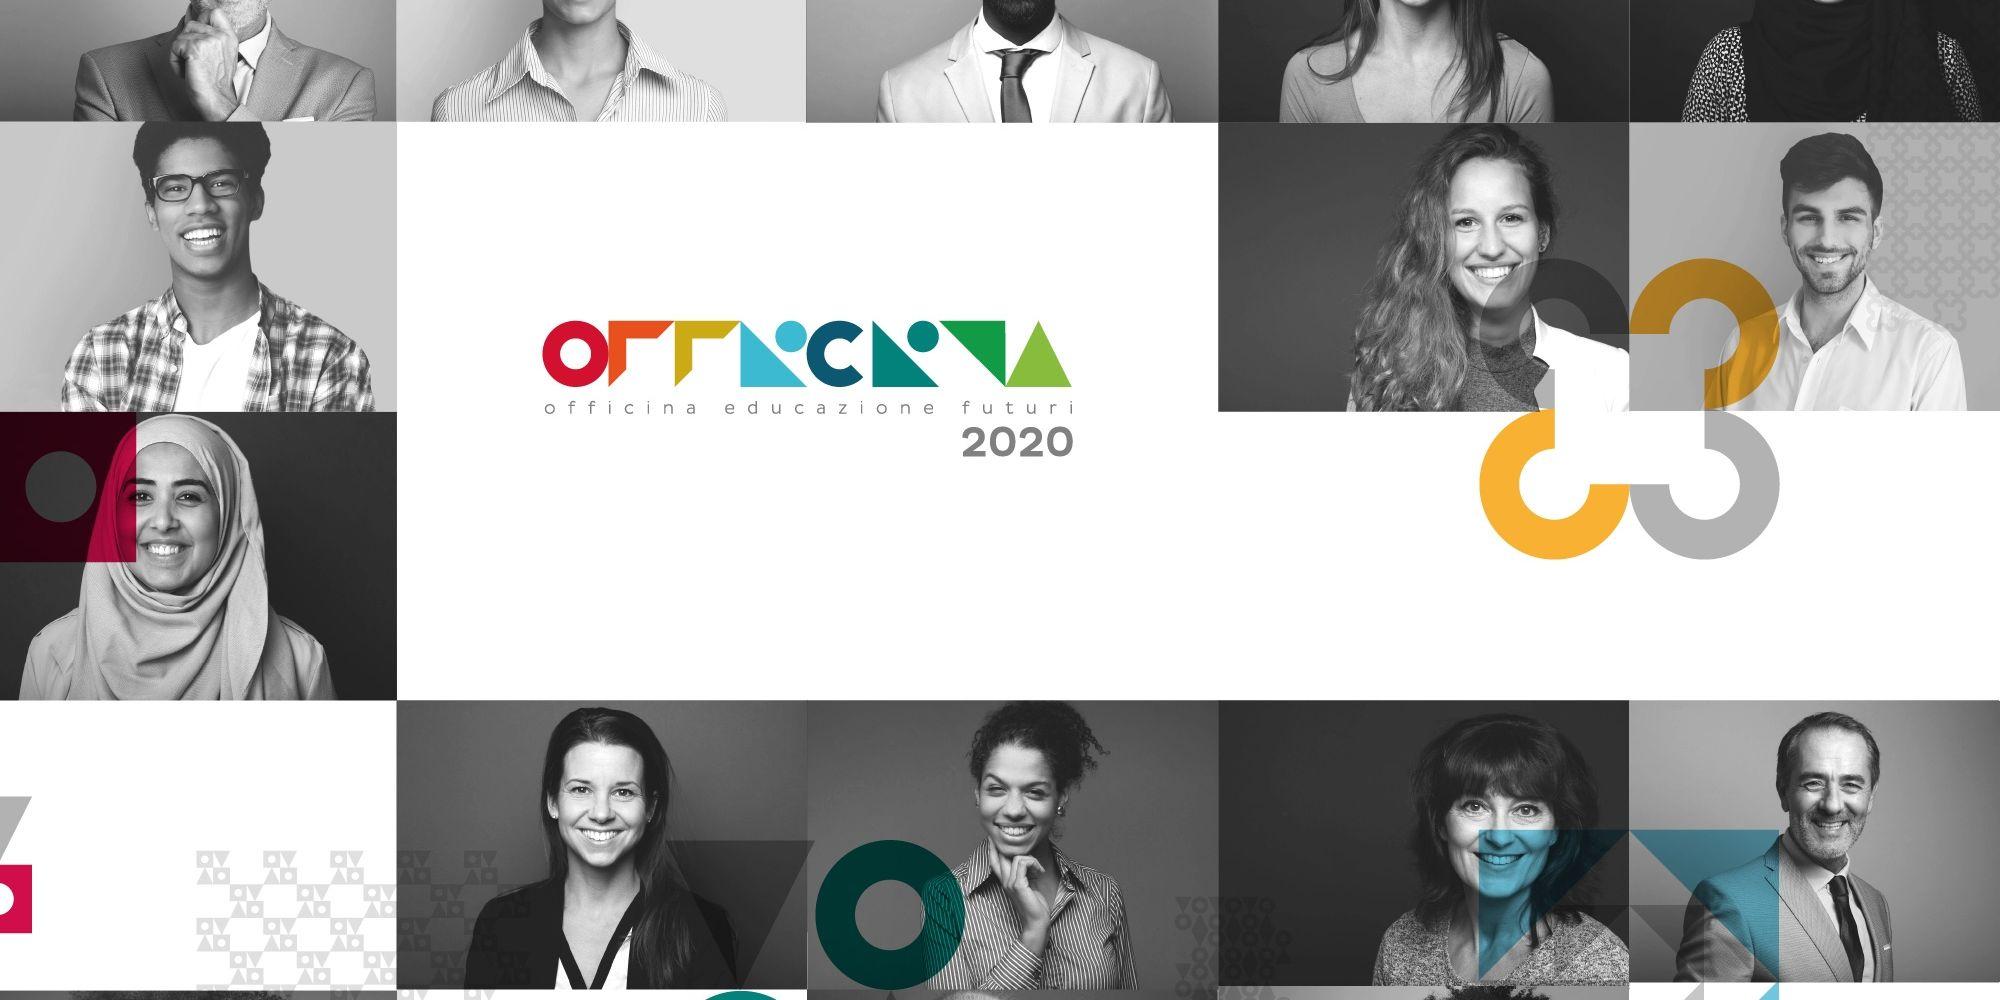 Officina 2020 - Educazione e Futuri